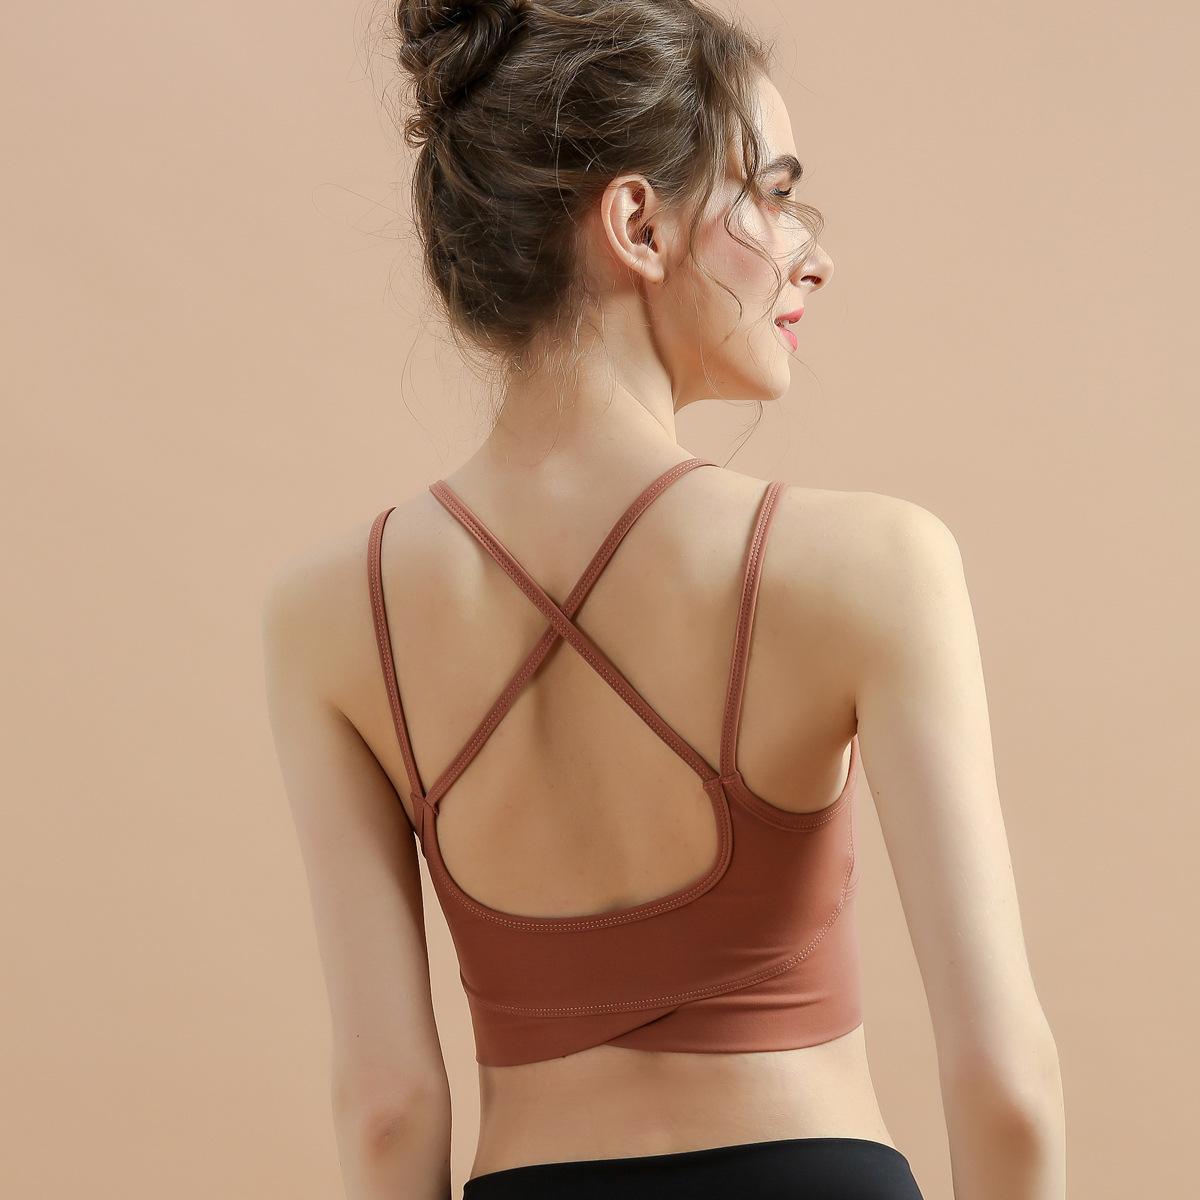 2021 여름 새로운 스포츠 브래지어 여성용 아름다움 다시 운동 요가 브래지어 크로스 레이스 업 운동 속옷